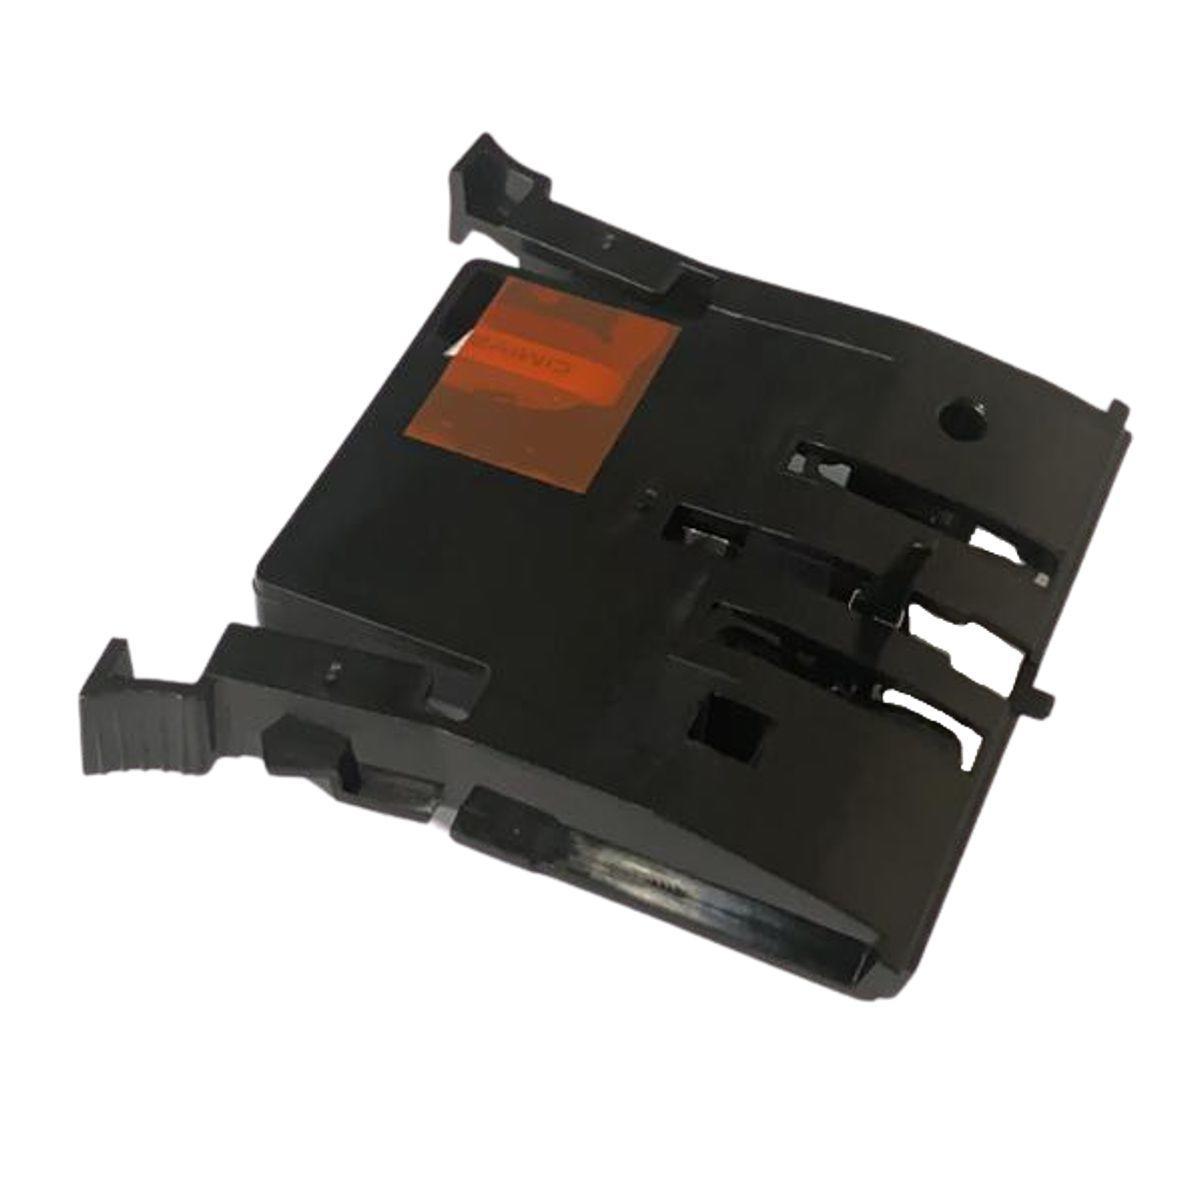 SENSOR DE ENTRADA DE PAPEL PLOTTER HP T120 T130 T520 T530